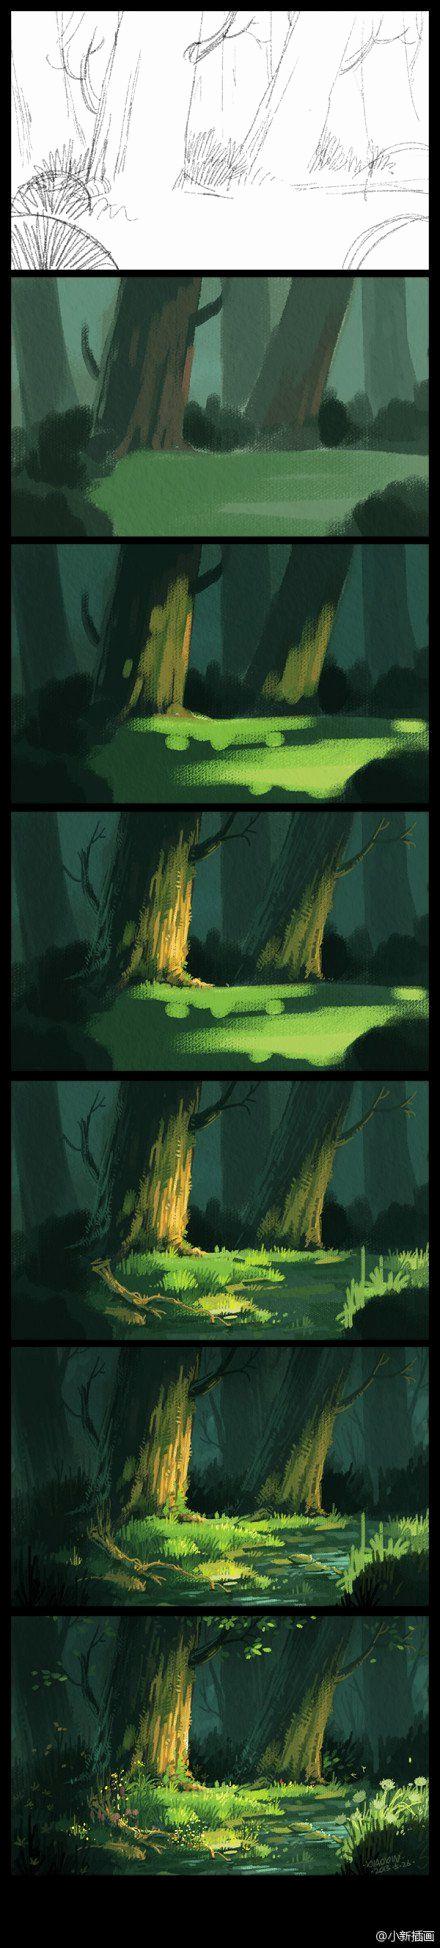 Baum Zeichnung Bleistift Genial Herbst Baum Ausmalbilder Schön Baum Zeichnung Bleistift Renetissen Galerie